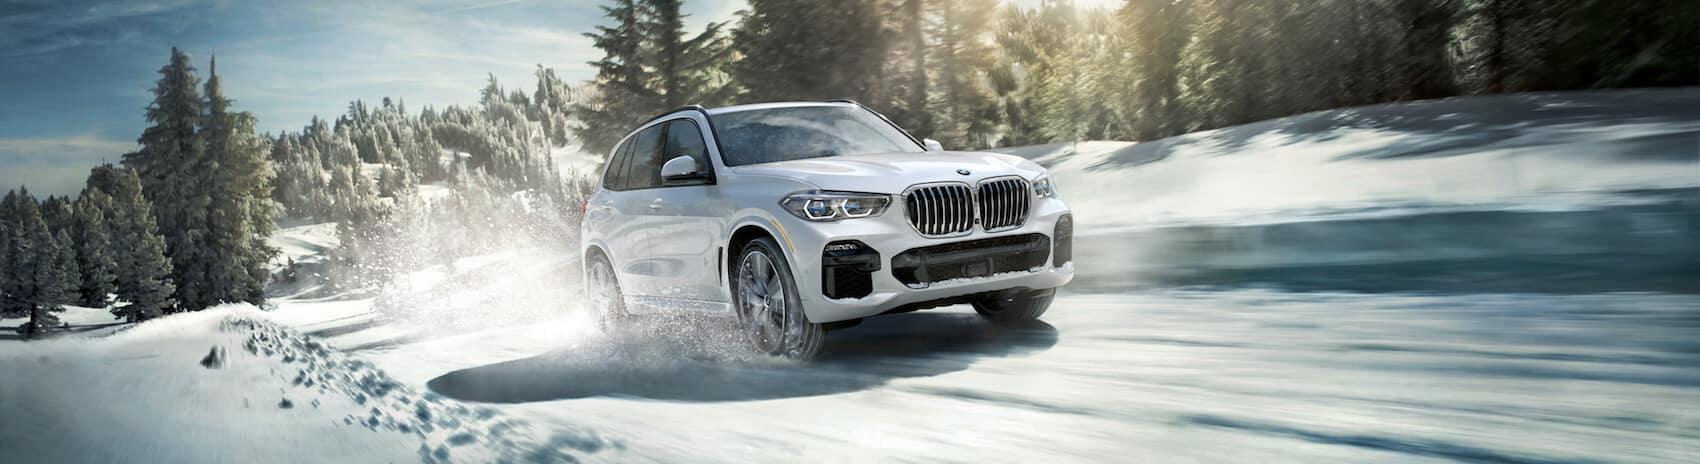 2021 BMW X5 vs Mercedes-Benz GLE Pensacola, FL